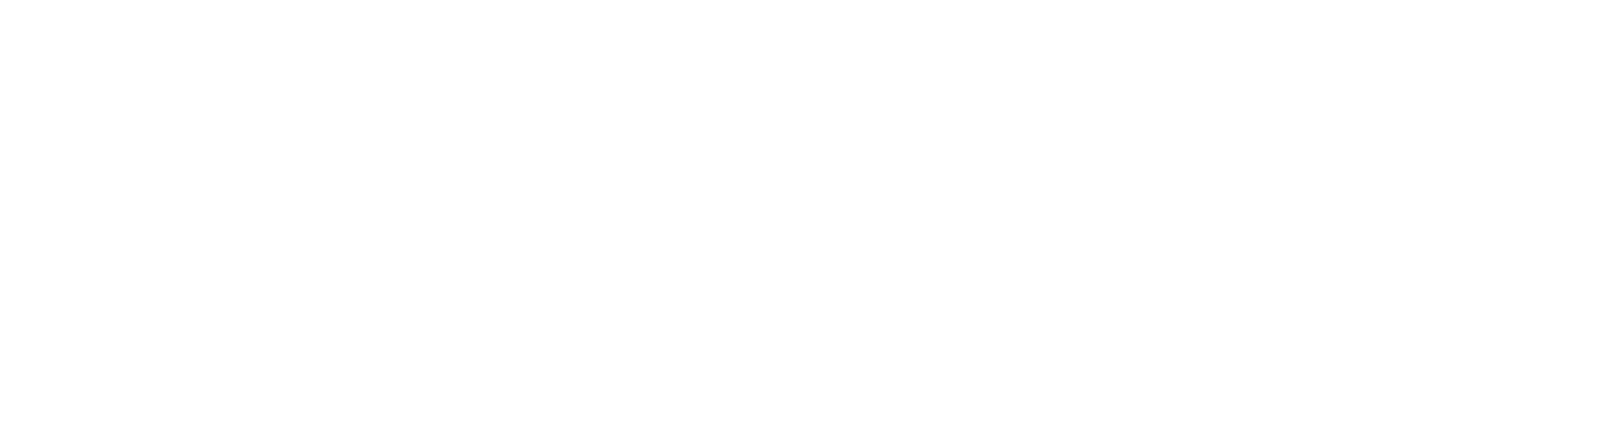 ocushiedl_logo копіювати